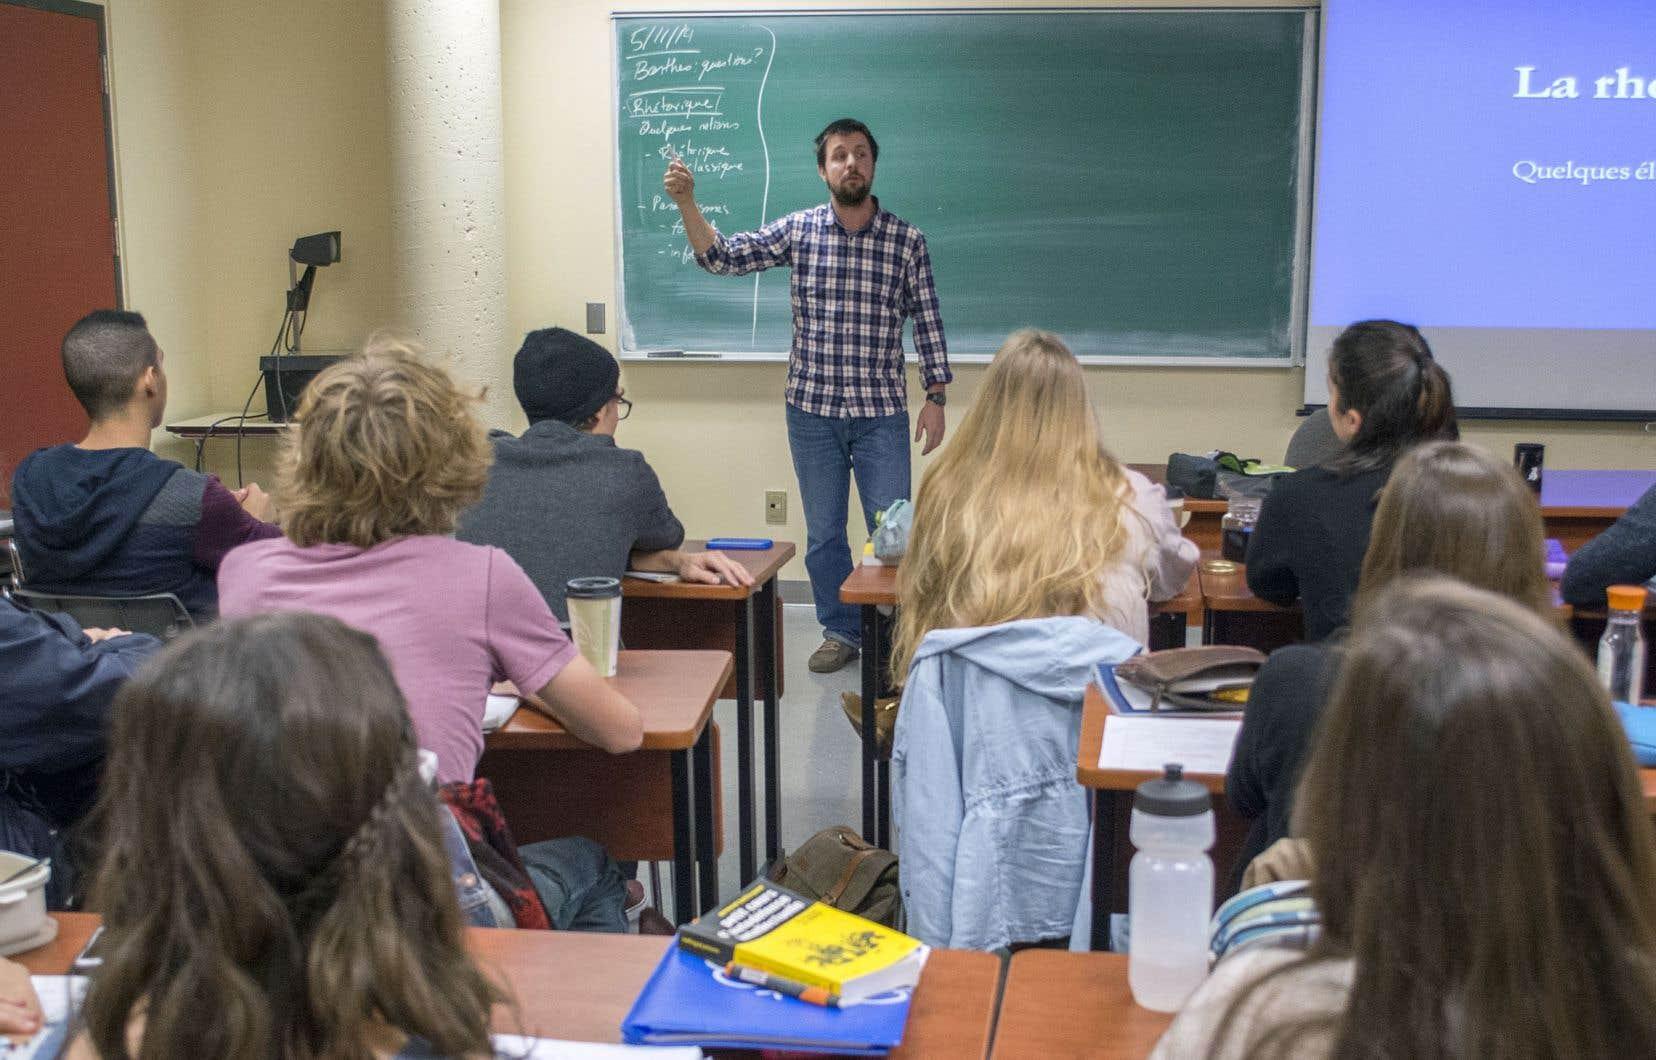 Deux millions de diplômés sont sortis des cégeps depuis leur création en 1967, et le Québec s'est hissé au premier rang au Canada en matière d'obtention d'un diplôme postsecondaire, souligne l'auteur.